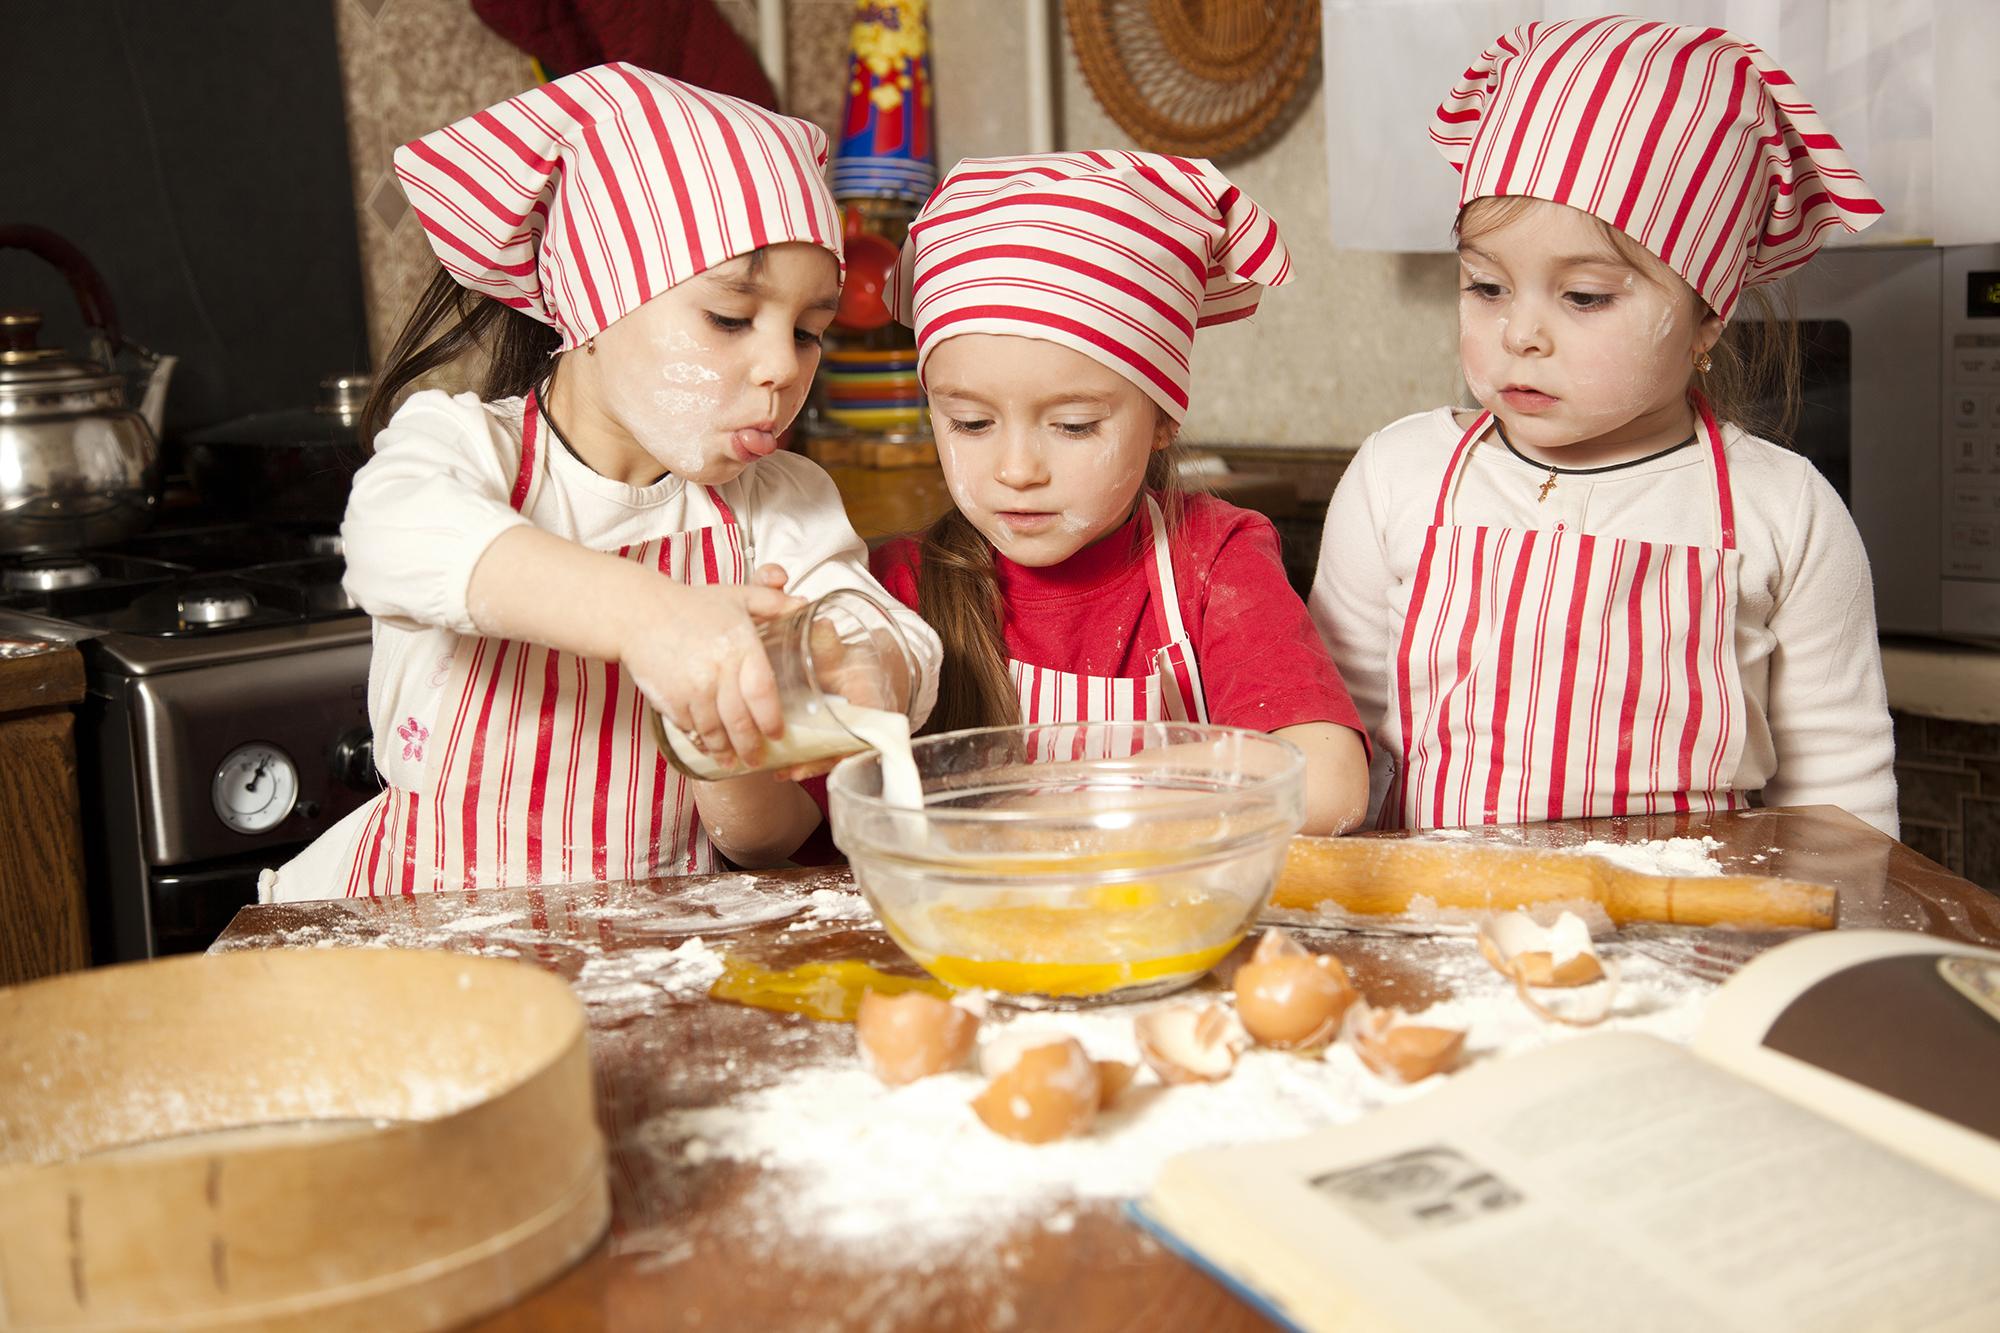 Les cours de cuisine un moment magique pour de petits - Cours de cuisine enfant lille ...